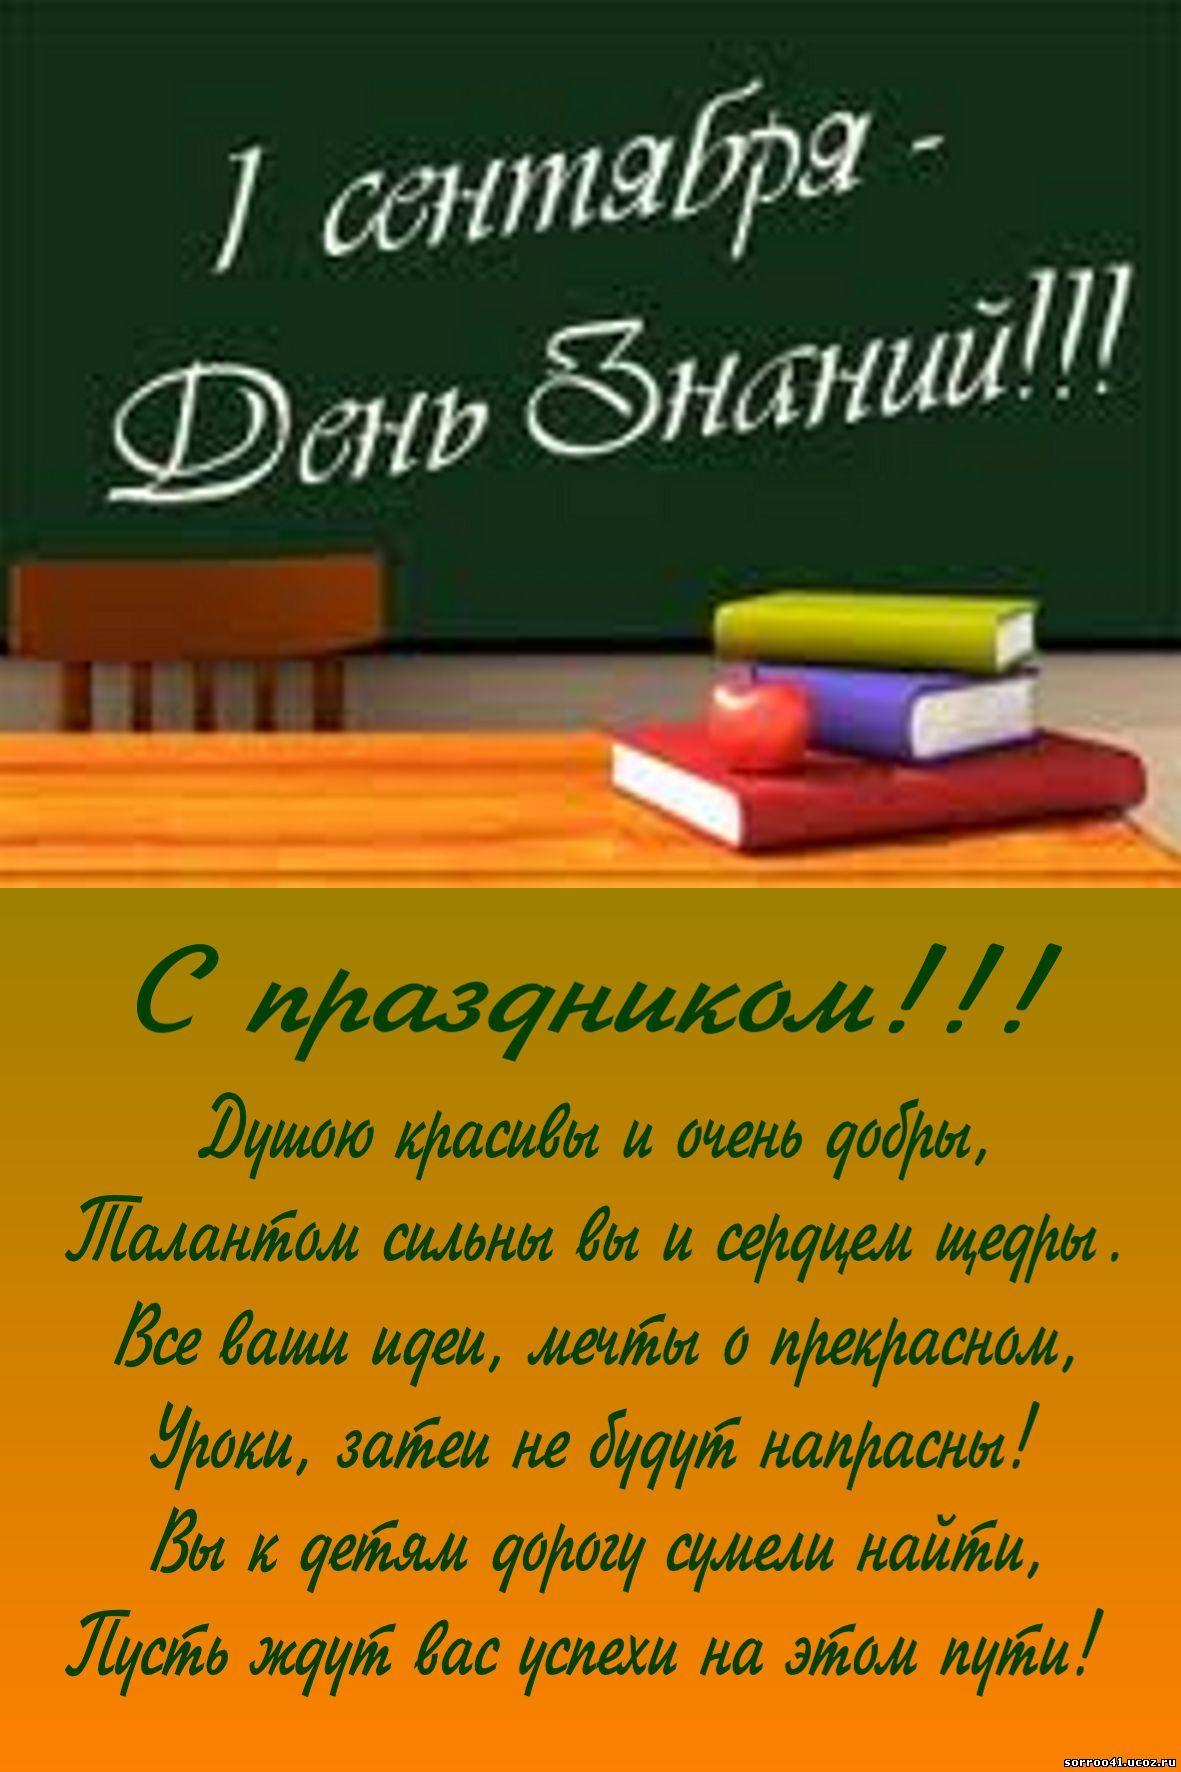 Поздравление учителей в день знаний в прозе